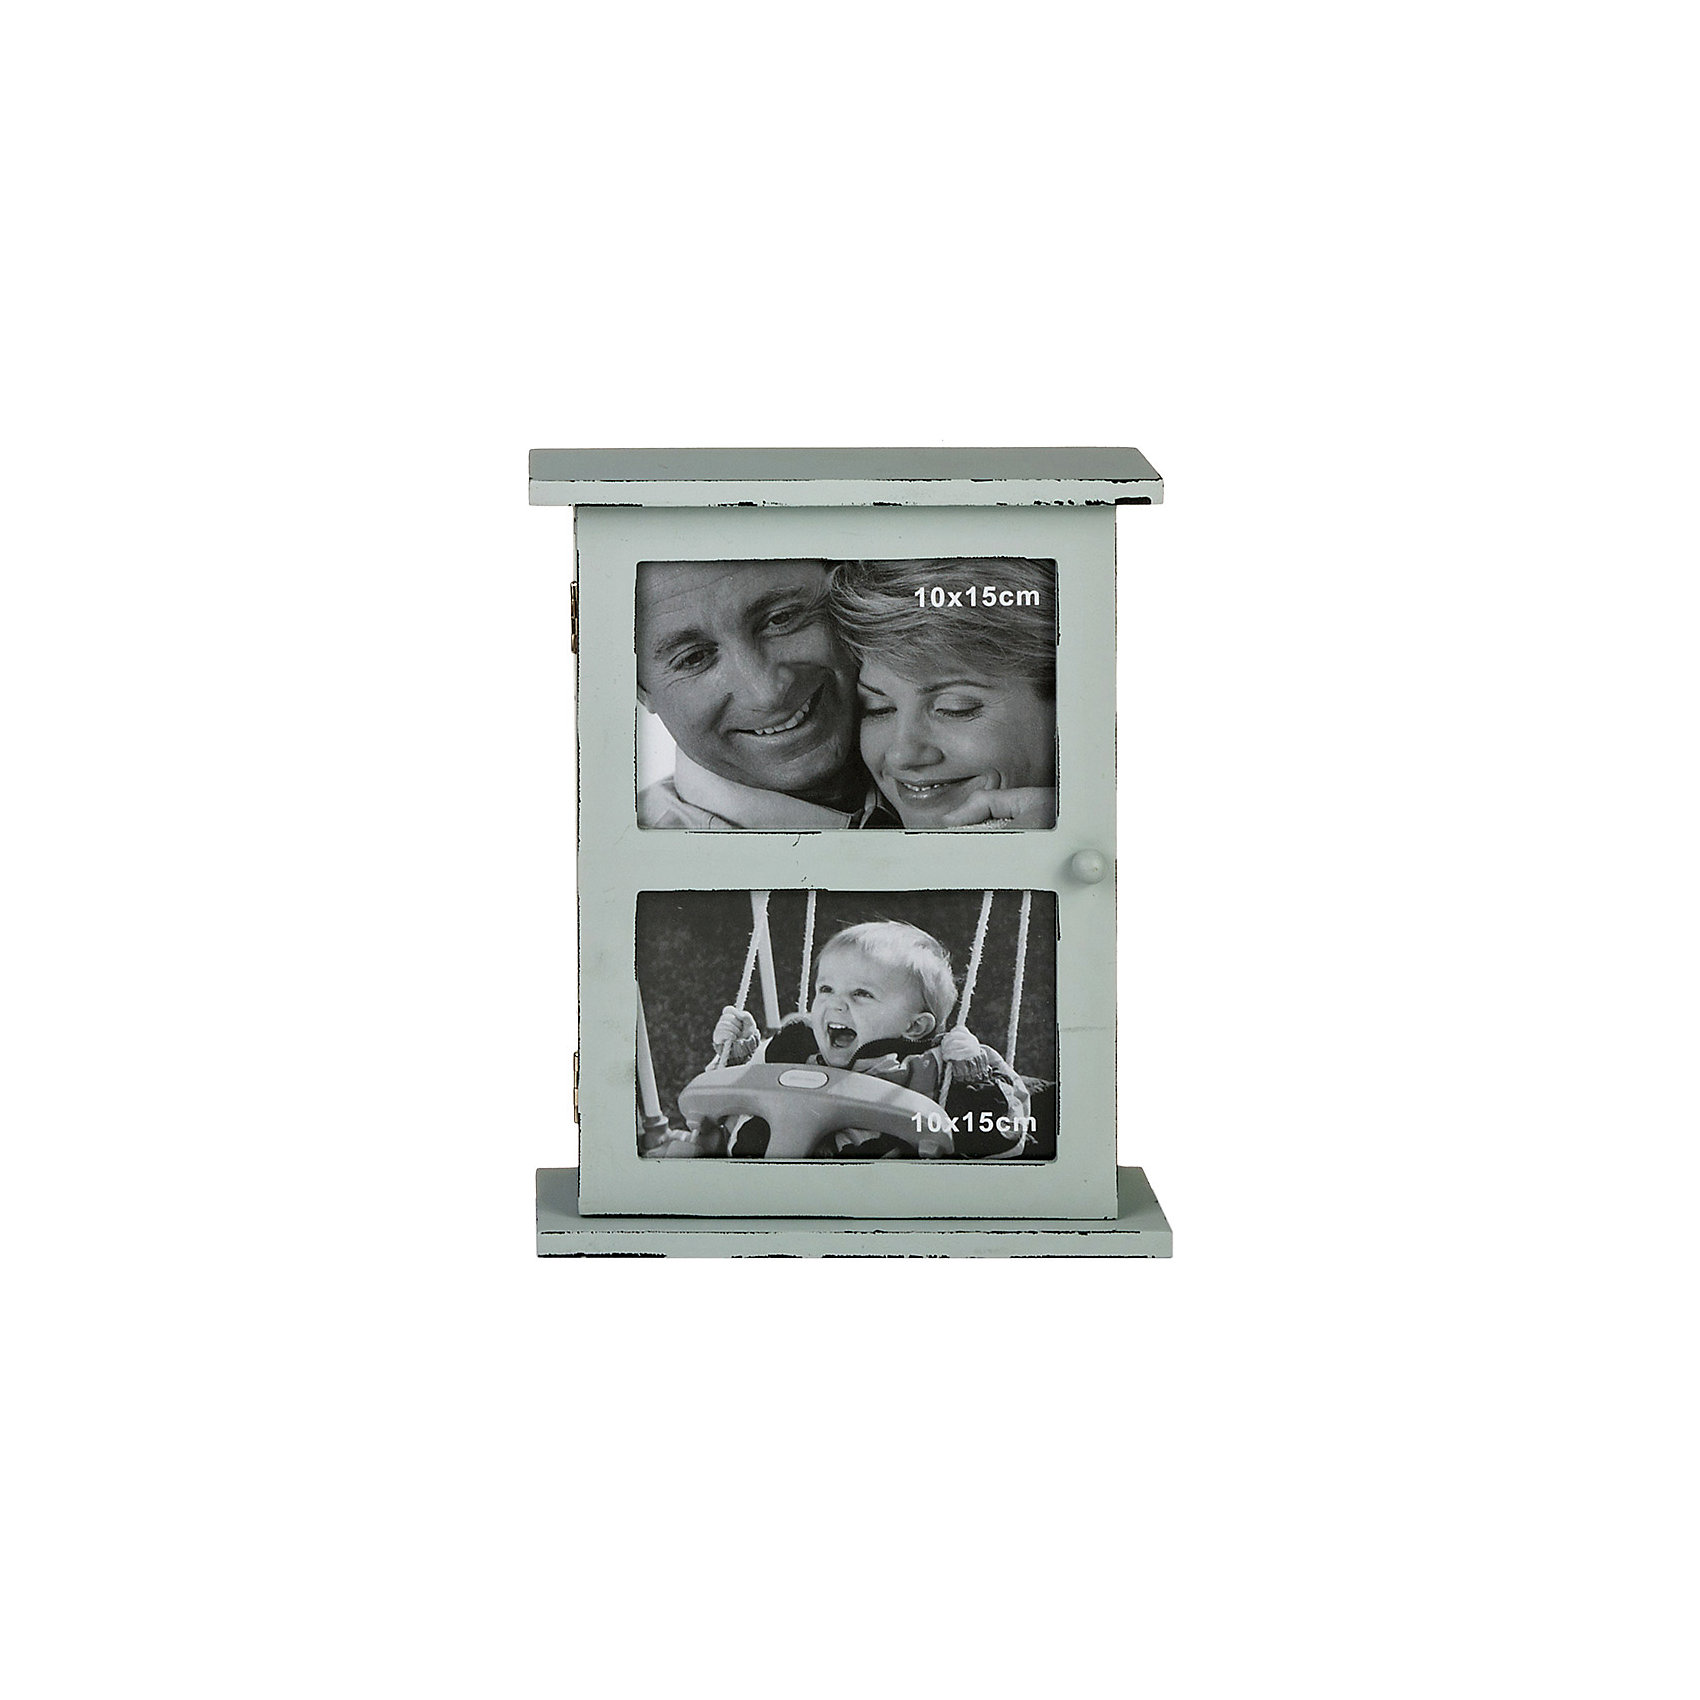 Ключница Miralight со стеклянной дверцей и 2 фоторамками, Яркий праздникДетские предметы интерьера<br>Ключница Miralight со стеклянной дверцей и 2 фоторамками, Яркий праздник<br><br>Характеристики:<br><br>• Состав: древесноволокнистая плита средней плотности, стекло<br>• Размер фотографий: 10 * 15 см.<br>• Размер: 26,5 * 6,5 * 21 см.<br>• Страна производитель: Китай<br><br>Изящная ключница от компании Miralight (Миралайт) станет стильным украшением прихожей и практичным местом, где будут храниться ключи дома. Благодаря двум петлям коробочку можно повесить на стену, а можно просто поставить на полочку или комод. Ключница станет отличным и актуальным подарком на новоселье и будет просто незаменима на даче. <br><br>Целых шесть удобных крючков для ключей уберегут ключи от потери и от шустрых пальчиков маленьких детей. Лаконичный пастельный цвет ключницы впишется в любой интерьер. Вы можете вставить две горизонтальные семейные фотографии стандартного размера, чтобы персонализировать вашу ключнику. Привнесите в свой дом атмосферу уюта и яркого праздника вместе с новой ключницей!<br><br>Ключницу Miralight со стеклянной дверцей и 2 фоторамками, Яркий праздник можно купить в нашем интернет-магазине.<br><br>Ширина мм: 210<br>Глубина мм: 65<br>Высота мм: 265<br>Вес г: 215<br>Возраст от месяцев: 36<br>Возраст до месяцев: 2147483647<br>Пол: Унисекс<br>Возраст: Детский<br>SKU: 5453955